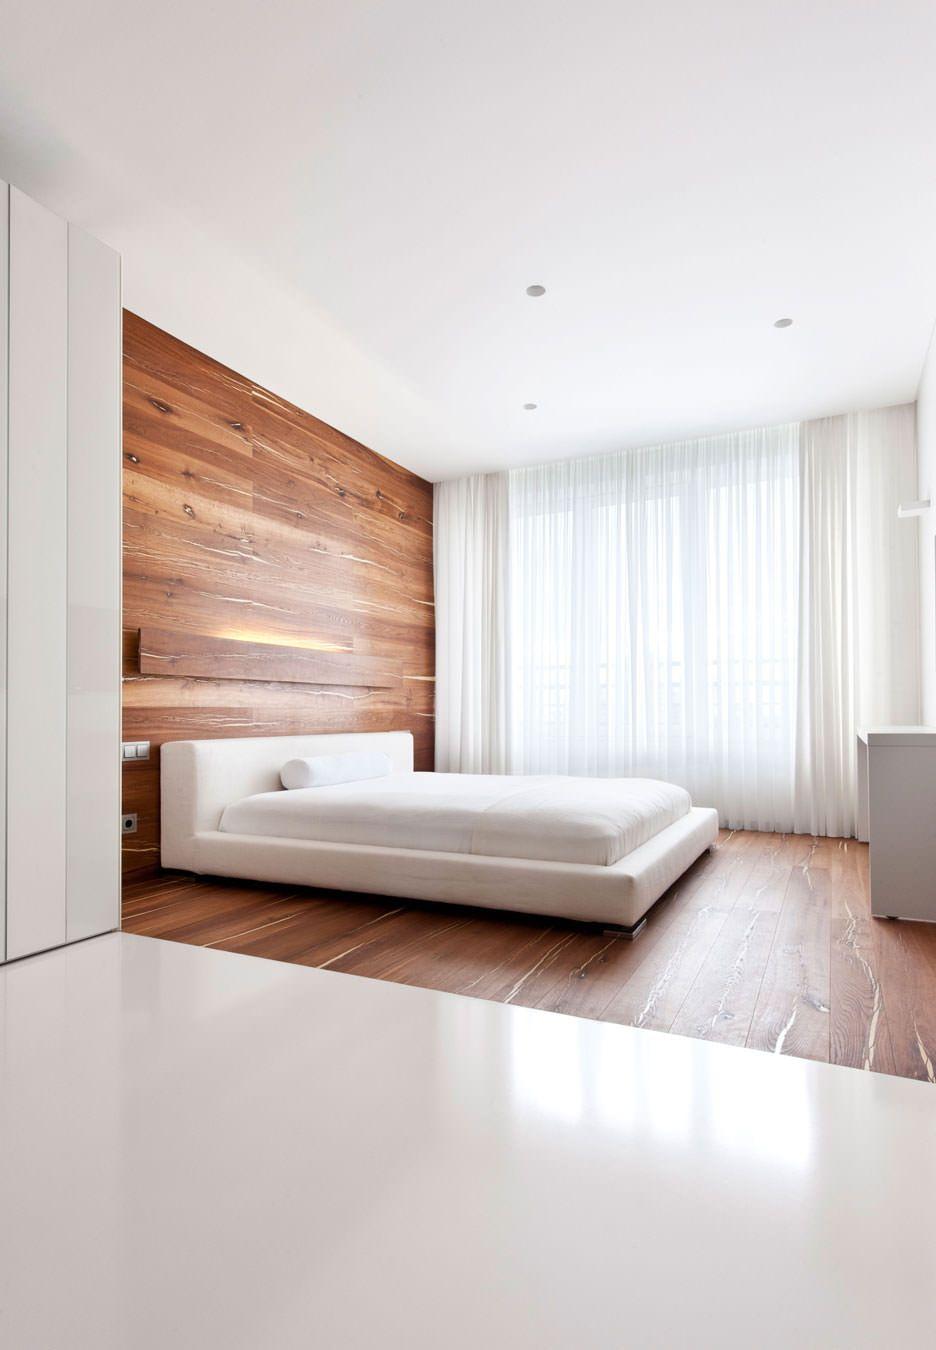 Pavimenti Camere Da Letto Moderne 100 idee camere da letto moderne • stile e design per un